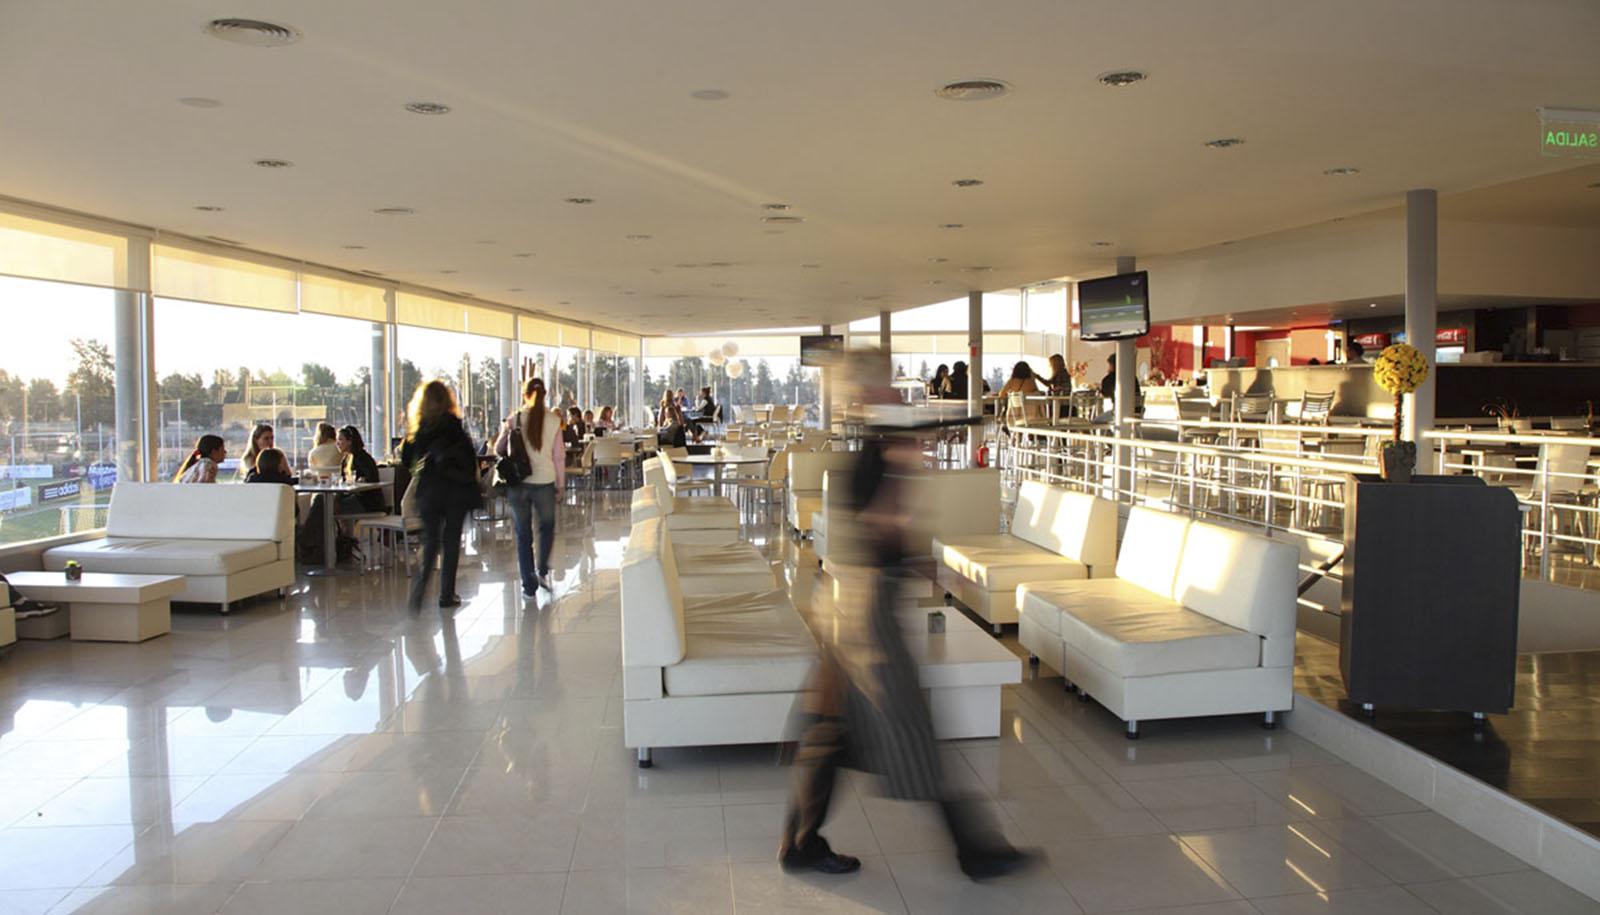 Diseño interior, grandes aberturas